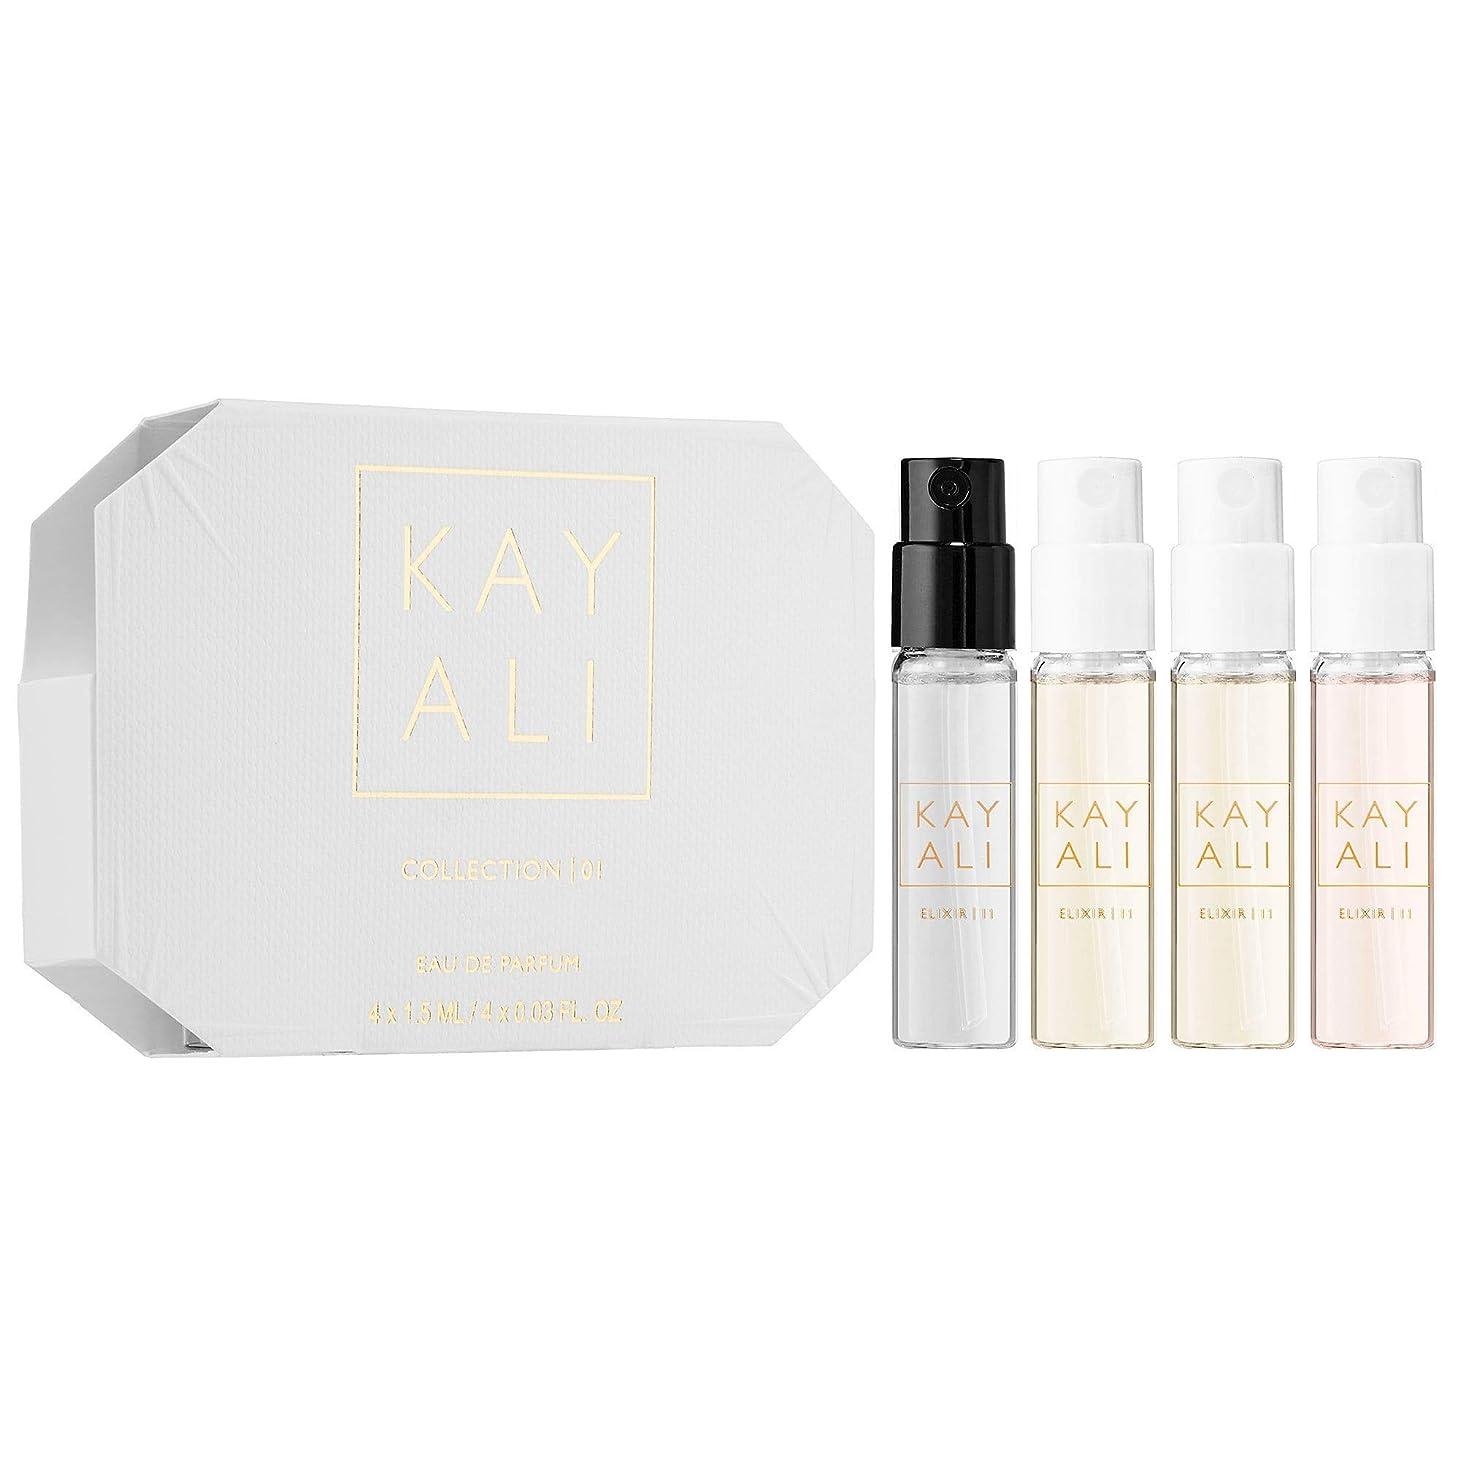 導出ダイバー学期Huda Beauty Kayali Eau De Parfum Sample Collection (Elixir 11, Citrus 08, Musk 12, Vanilla 28) 0.05 fl oz x 4 [並行輸入品]